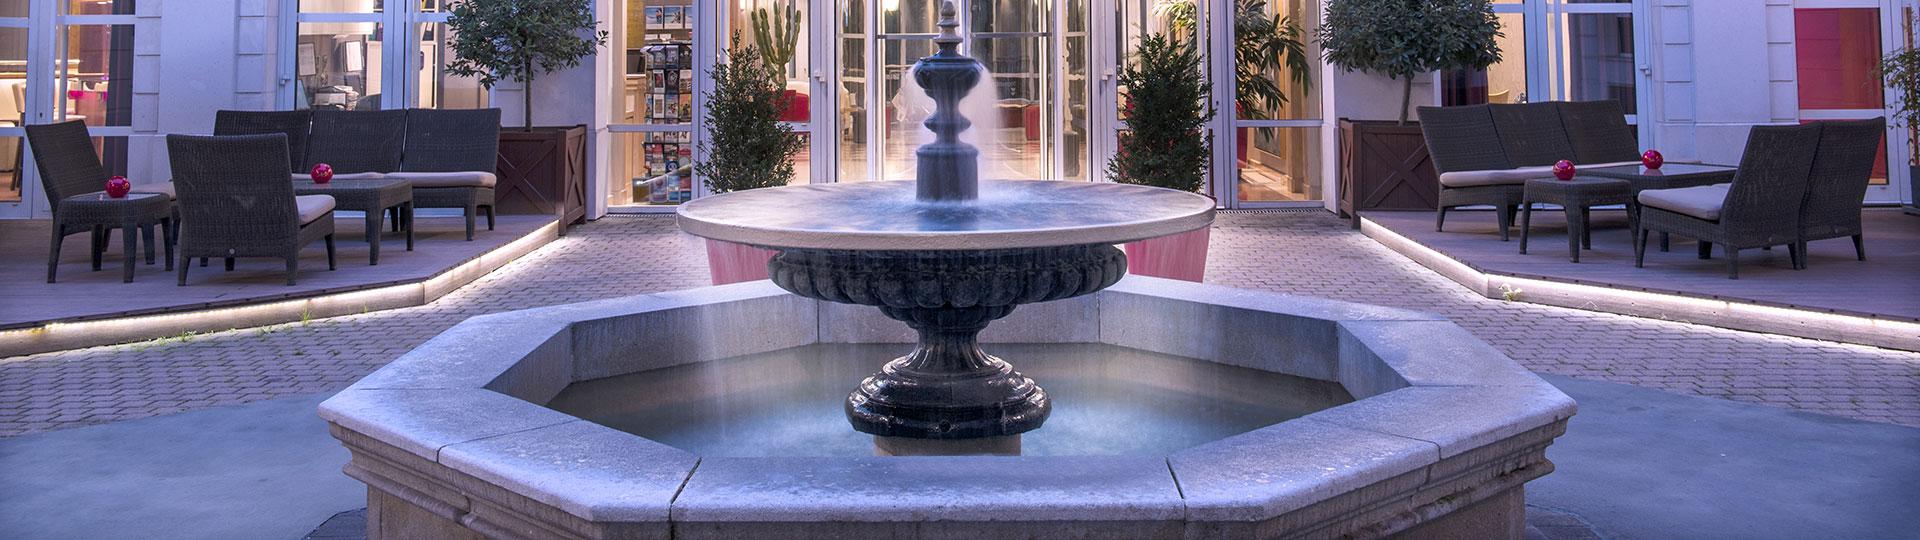 Villa Modigliani Reception